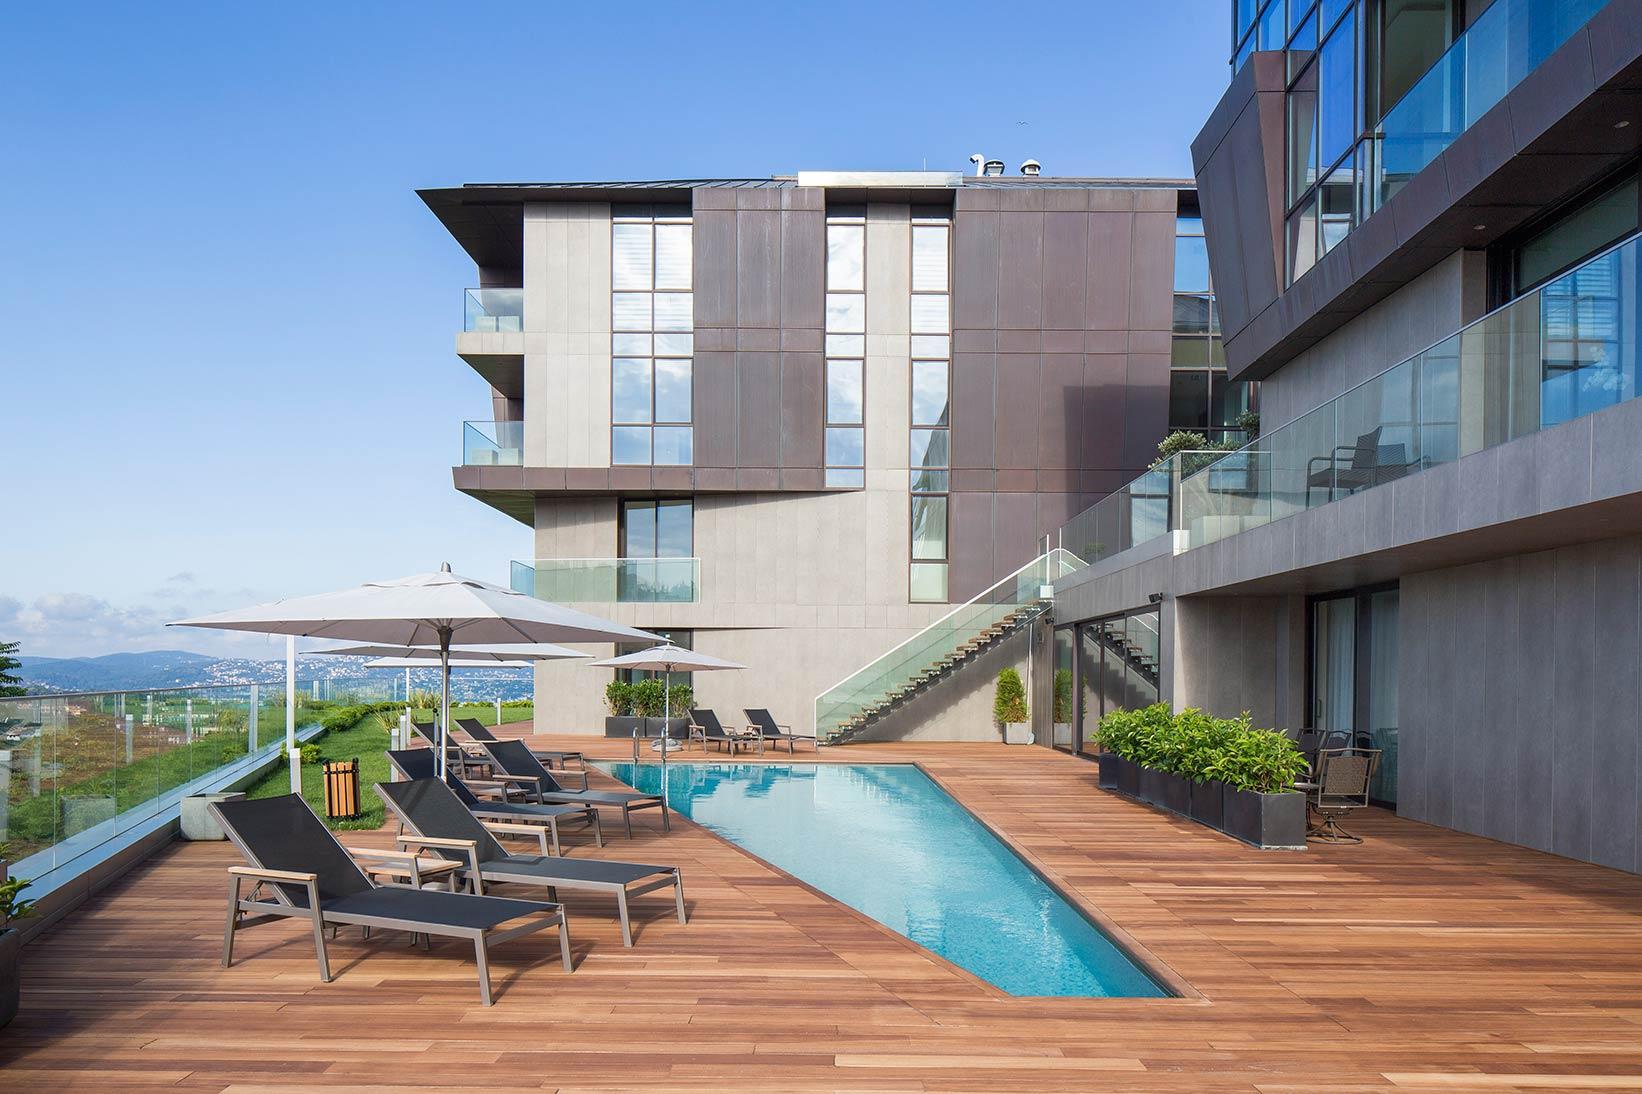 qent-istinye-porsche-design-project-luxury-24.jpg